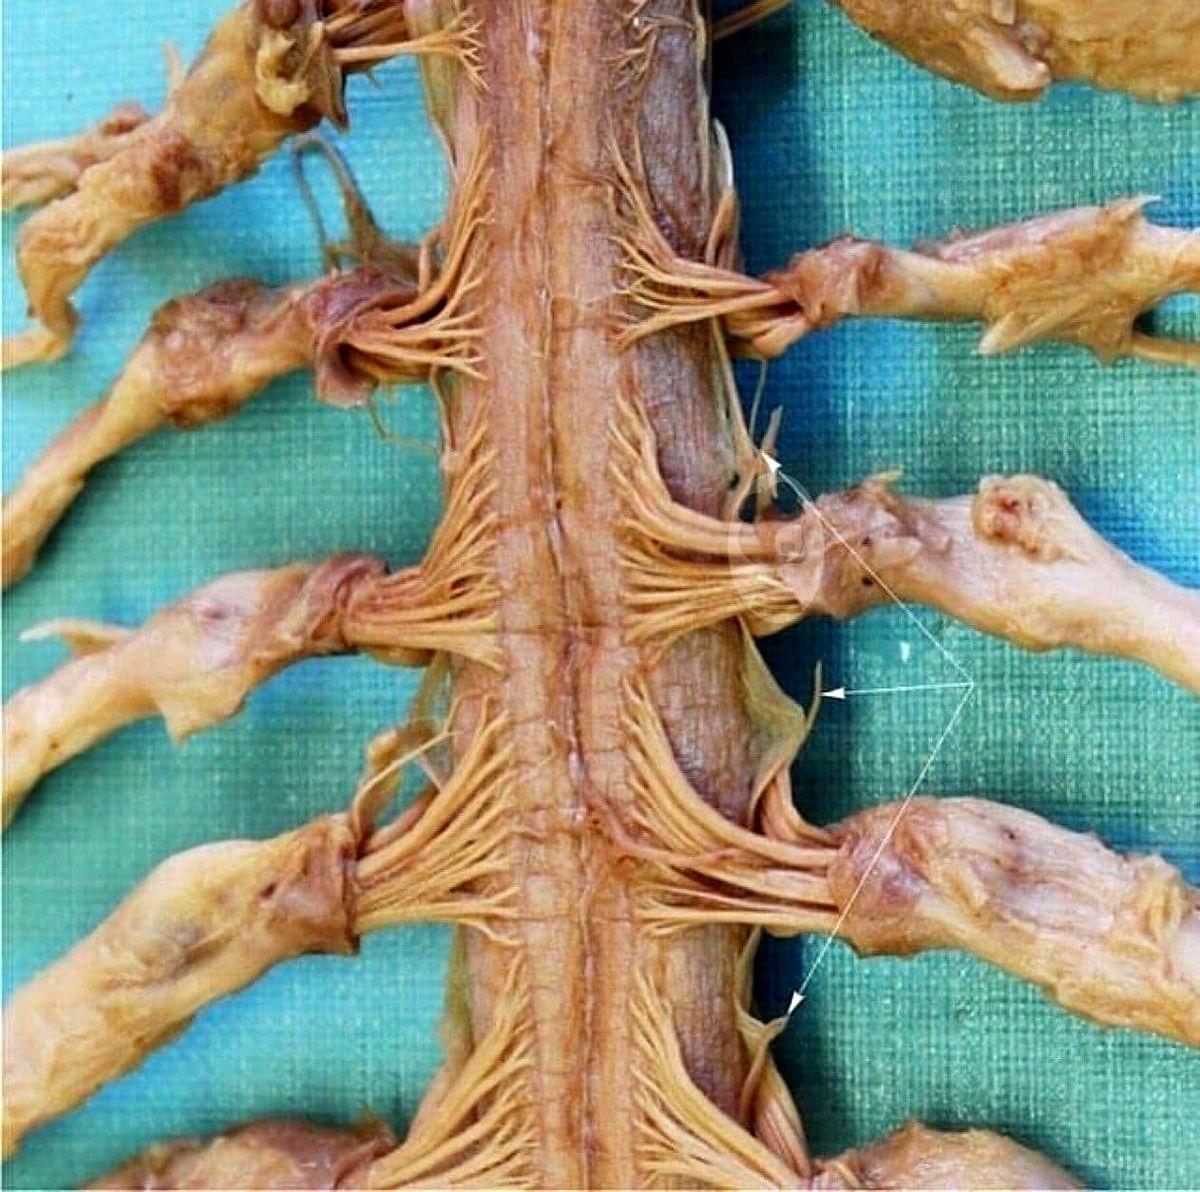 تصویر زوم شده از نخاع بدن انسان را ببینید